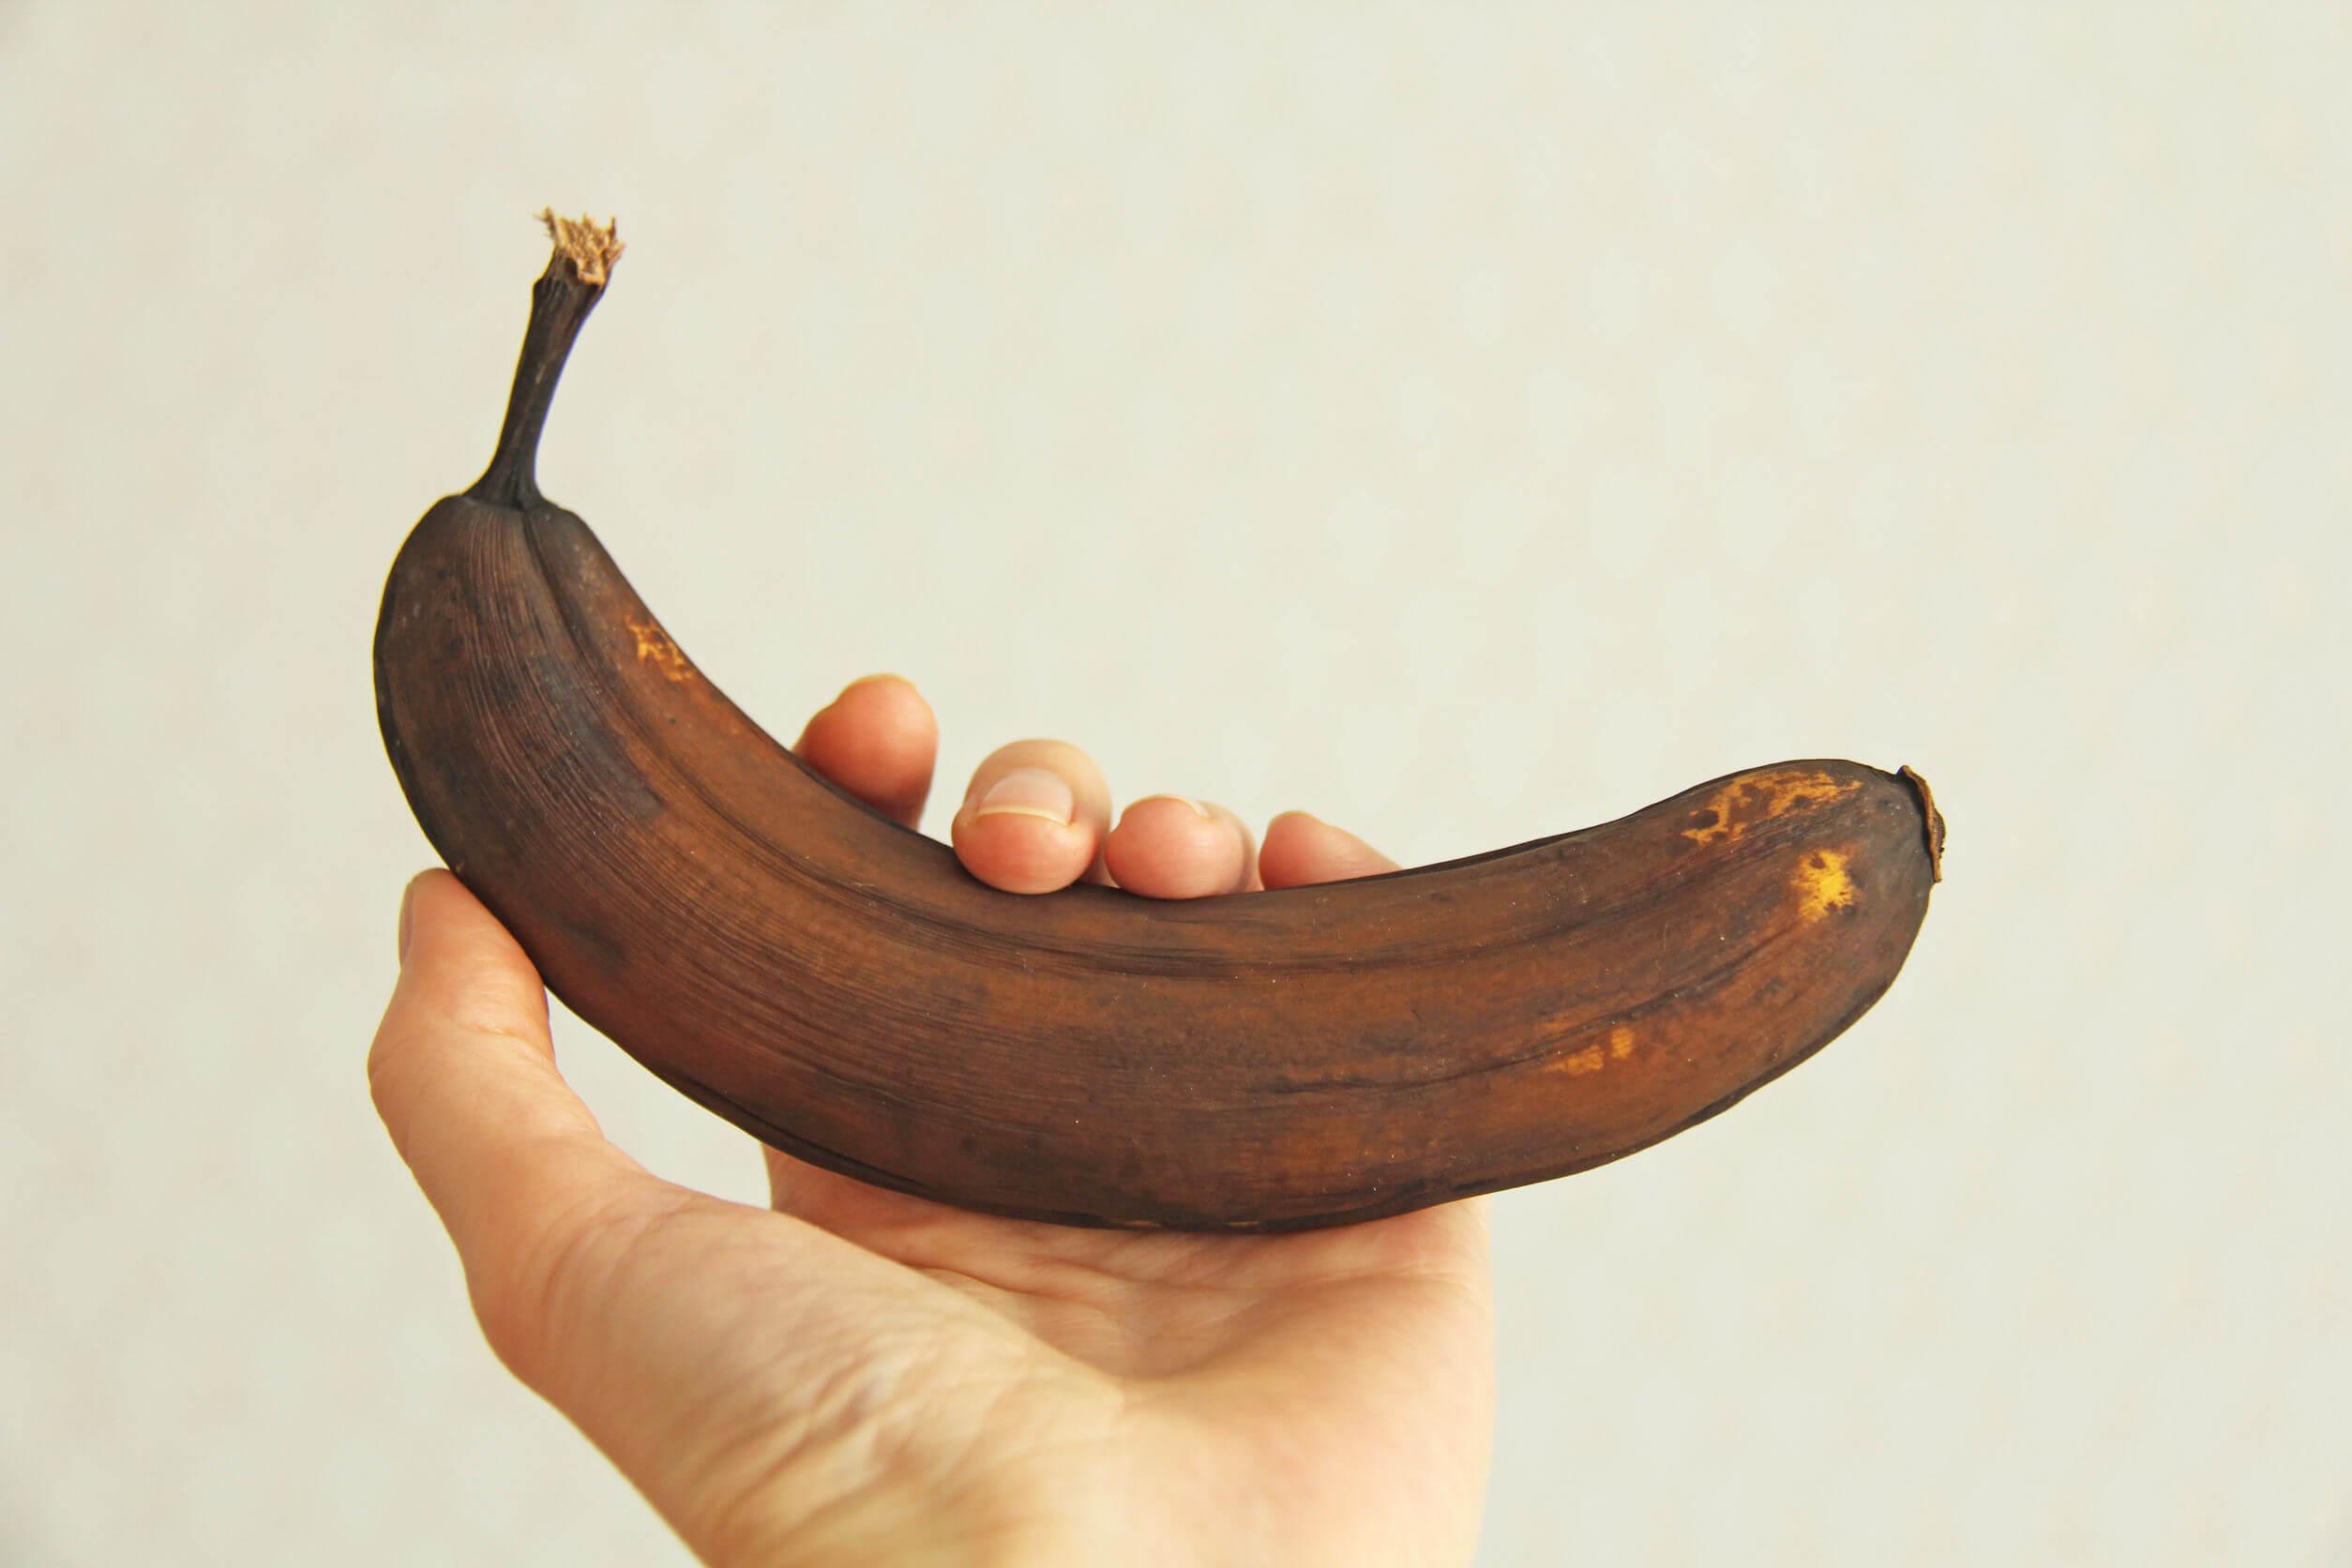 Las frutas demasiado maduras pueden congelarse.